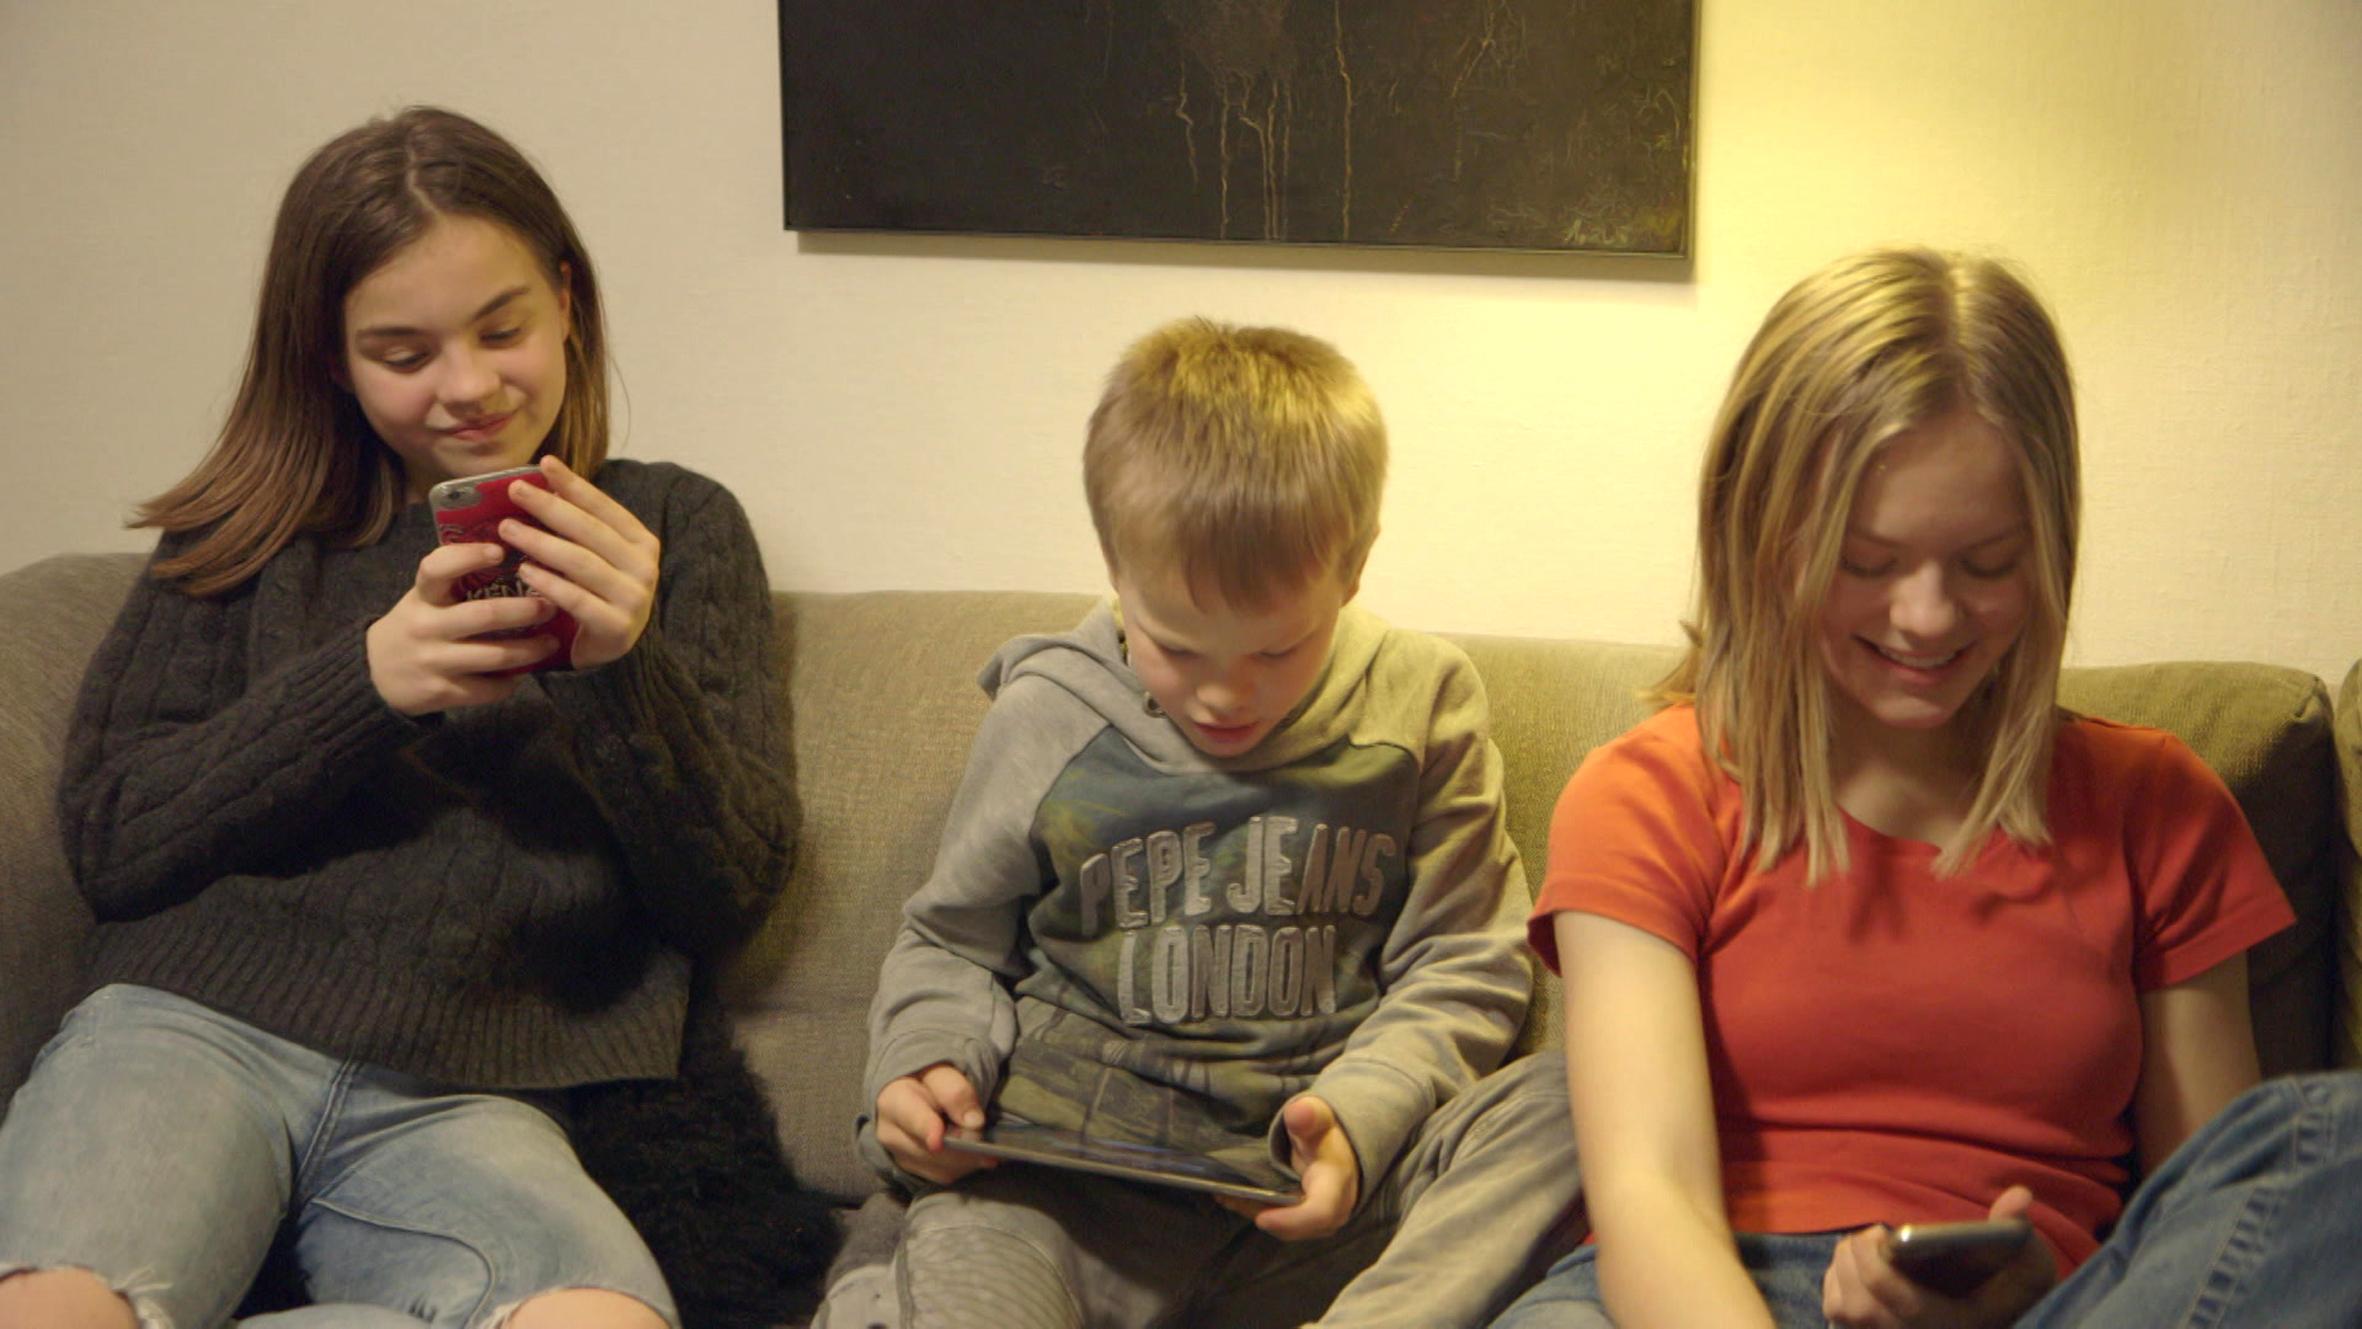 Eksperimentet: Familien som skærmjunkier